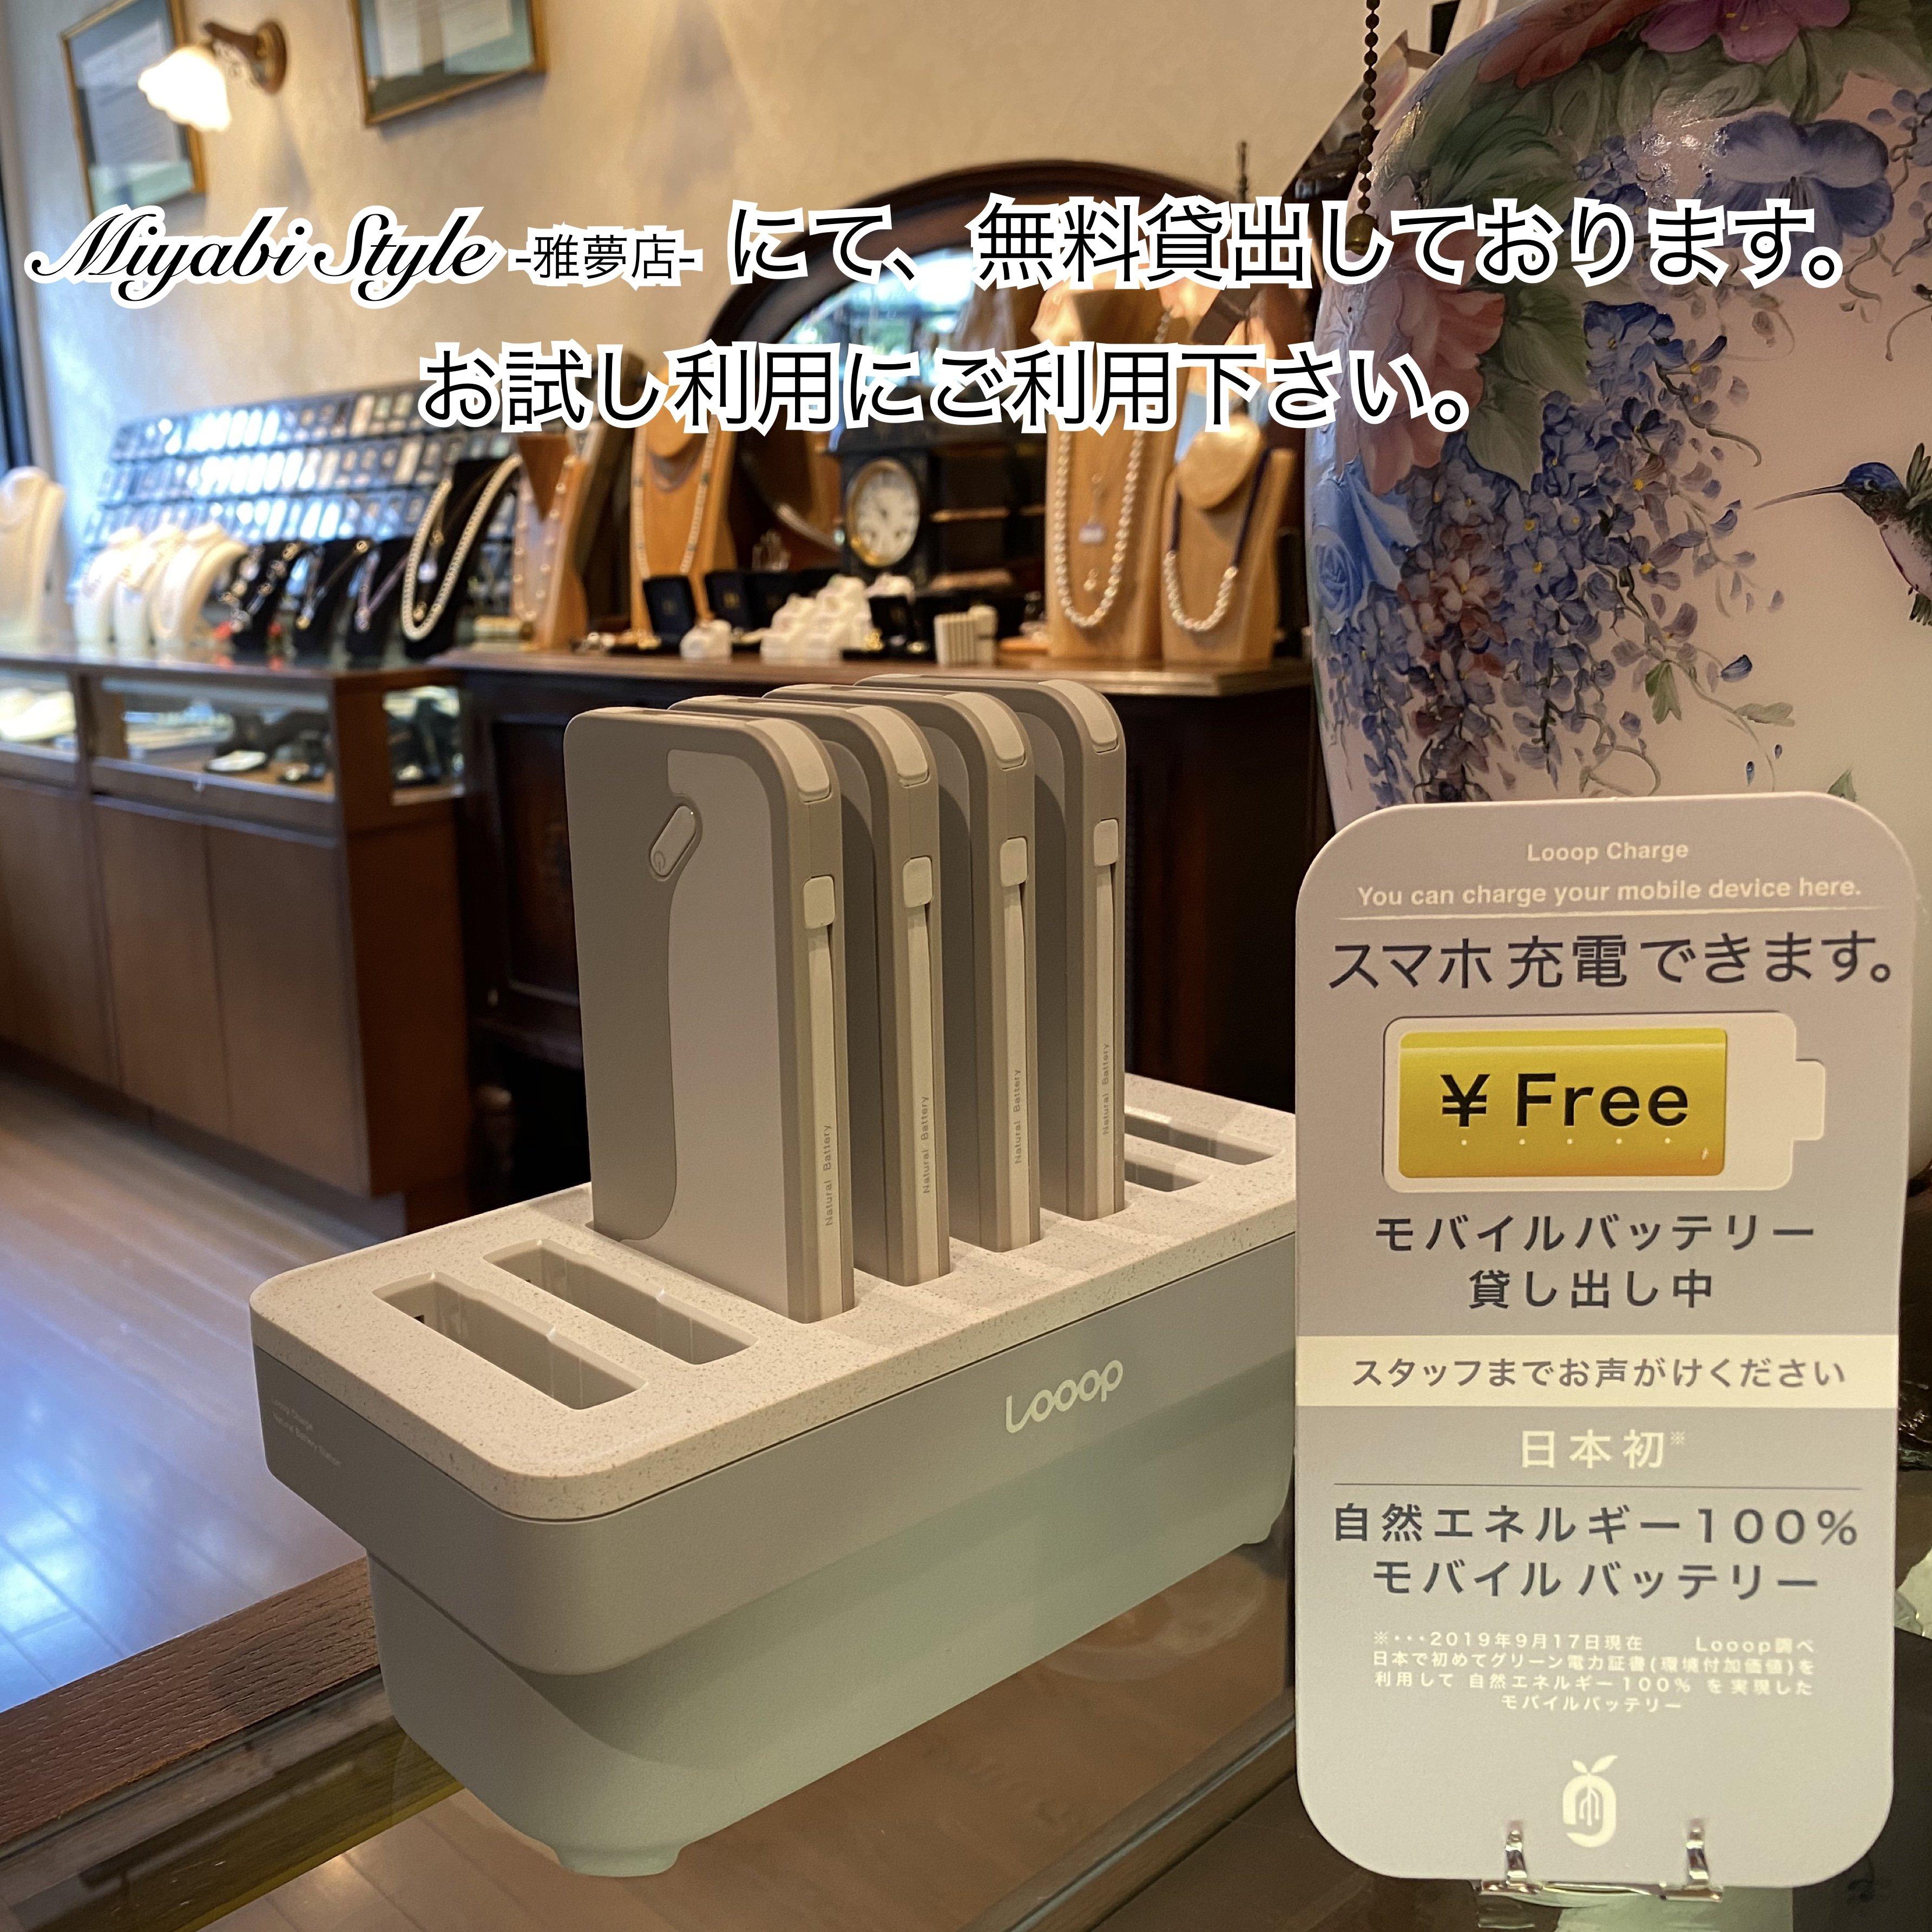 【店頭販売限定】Looop Charge モバイルバッテリー 4000mAh(PSE認証済み)のイメージその4